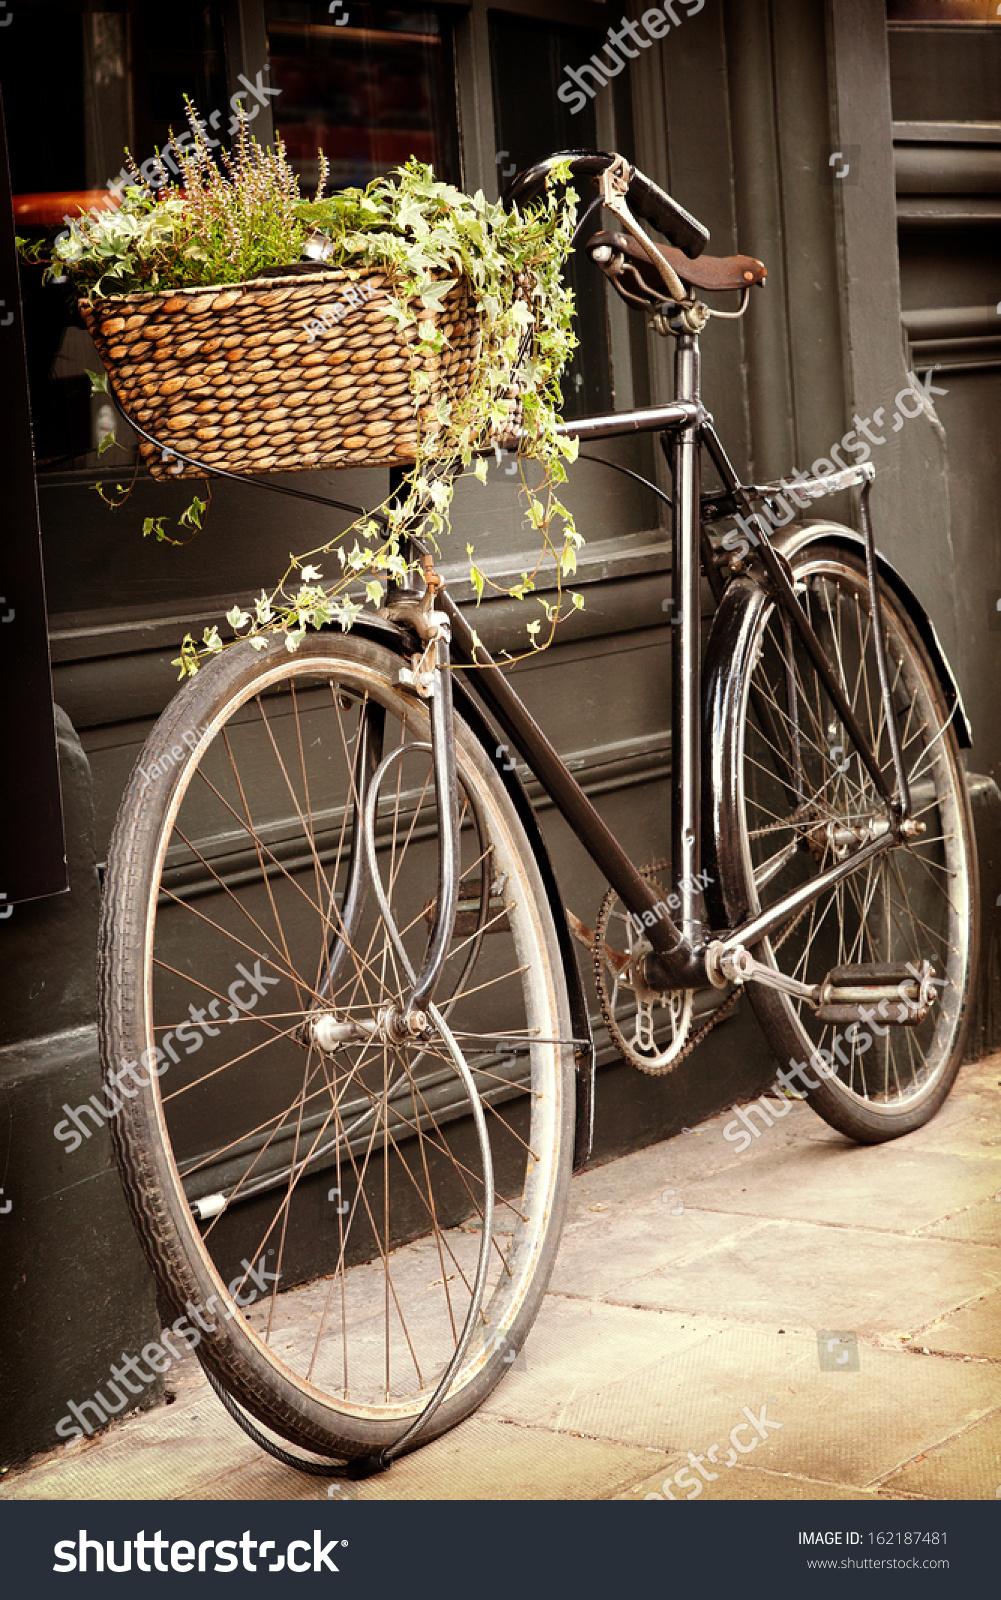 辆旧自行车用鲜花购物篮,靠在外面的建筑.复古风格.-.